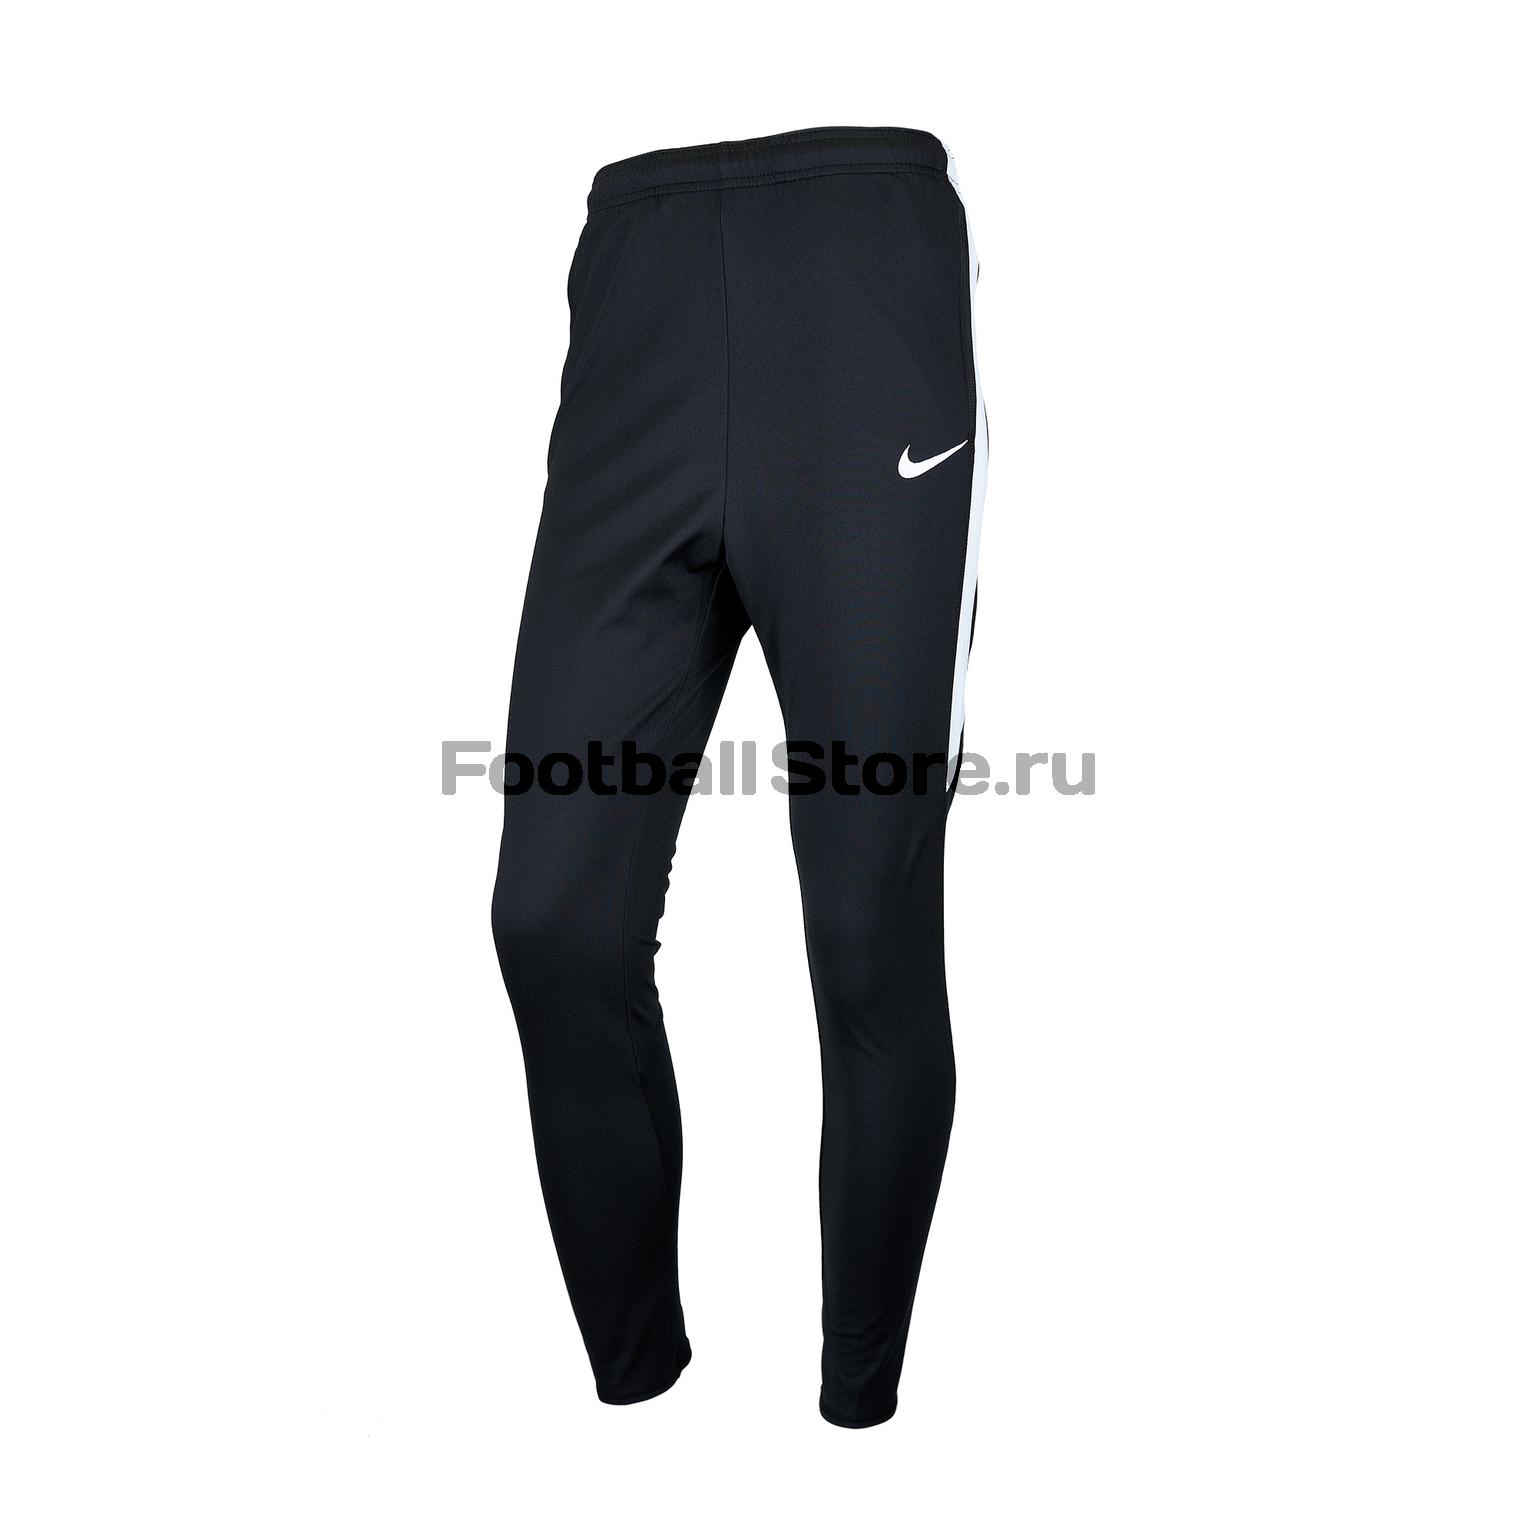 Брюки тренировочные Nike Y NK Dry Pant 832390-010 худи nike худи m nk dry hoodie po swoosh